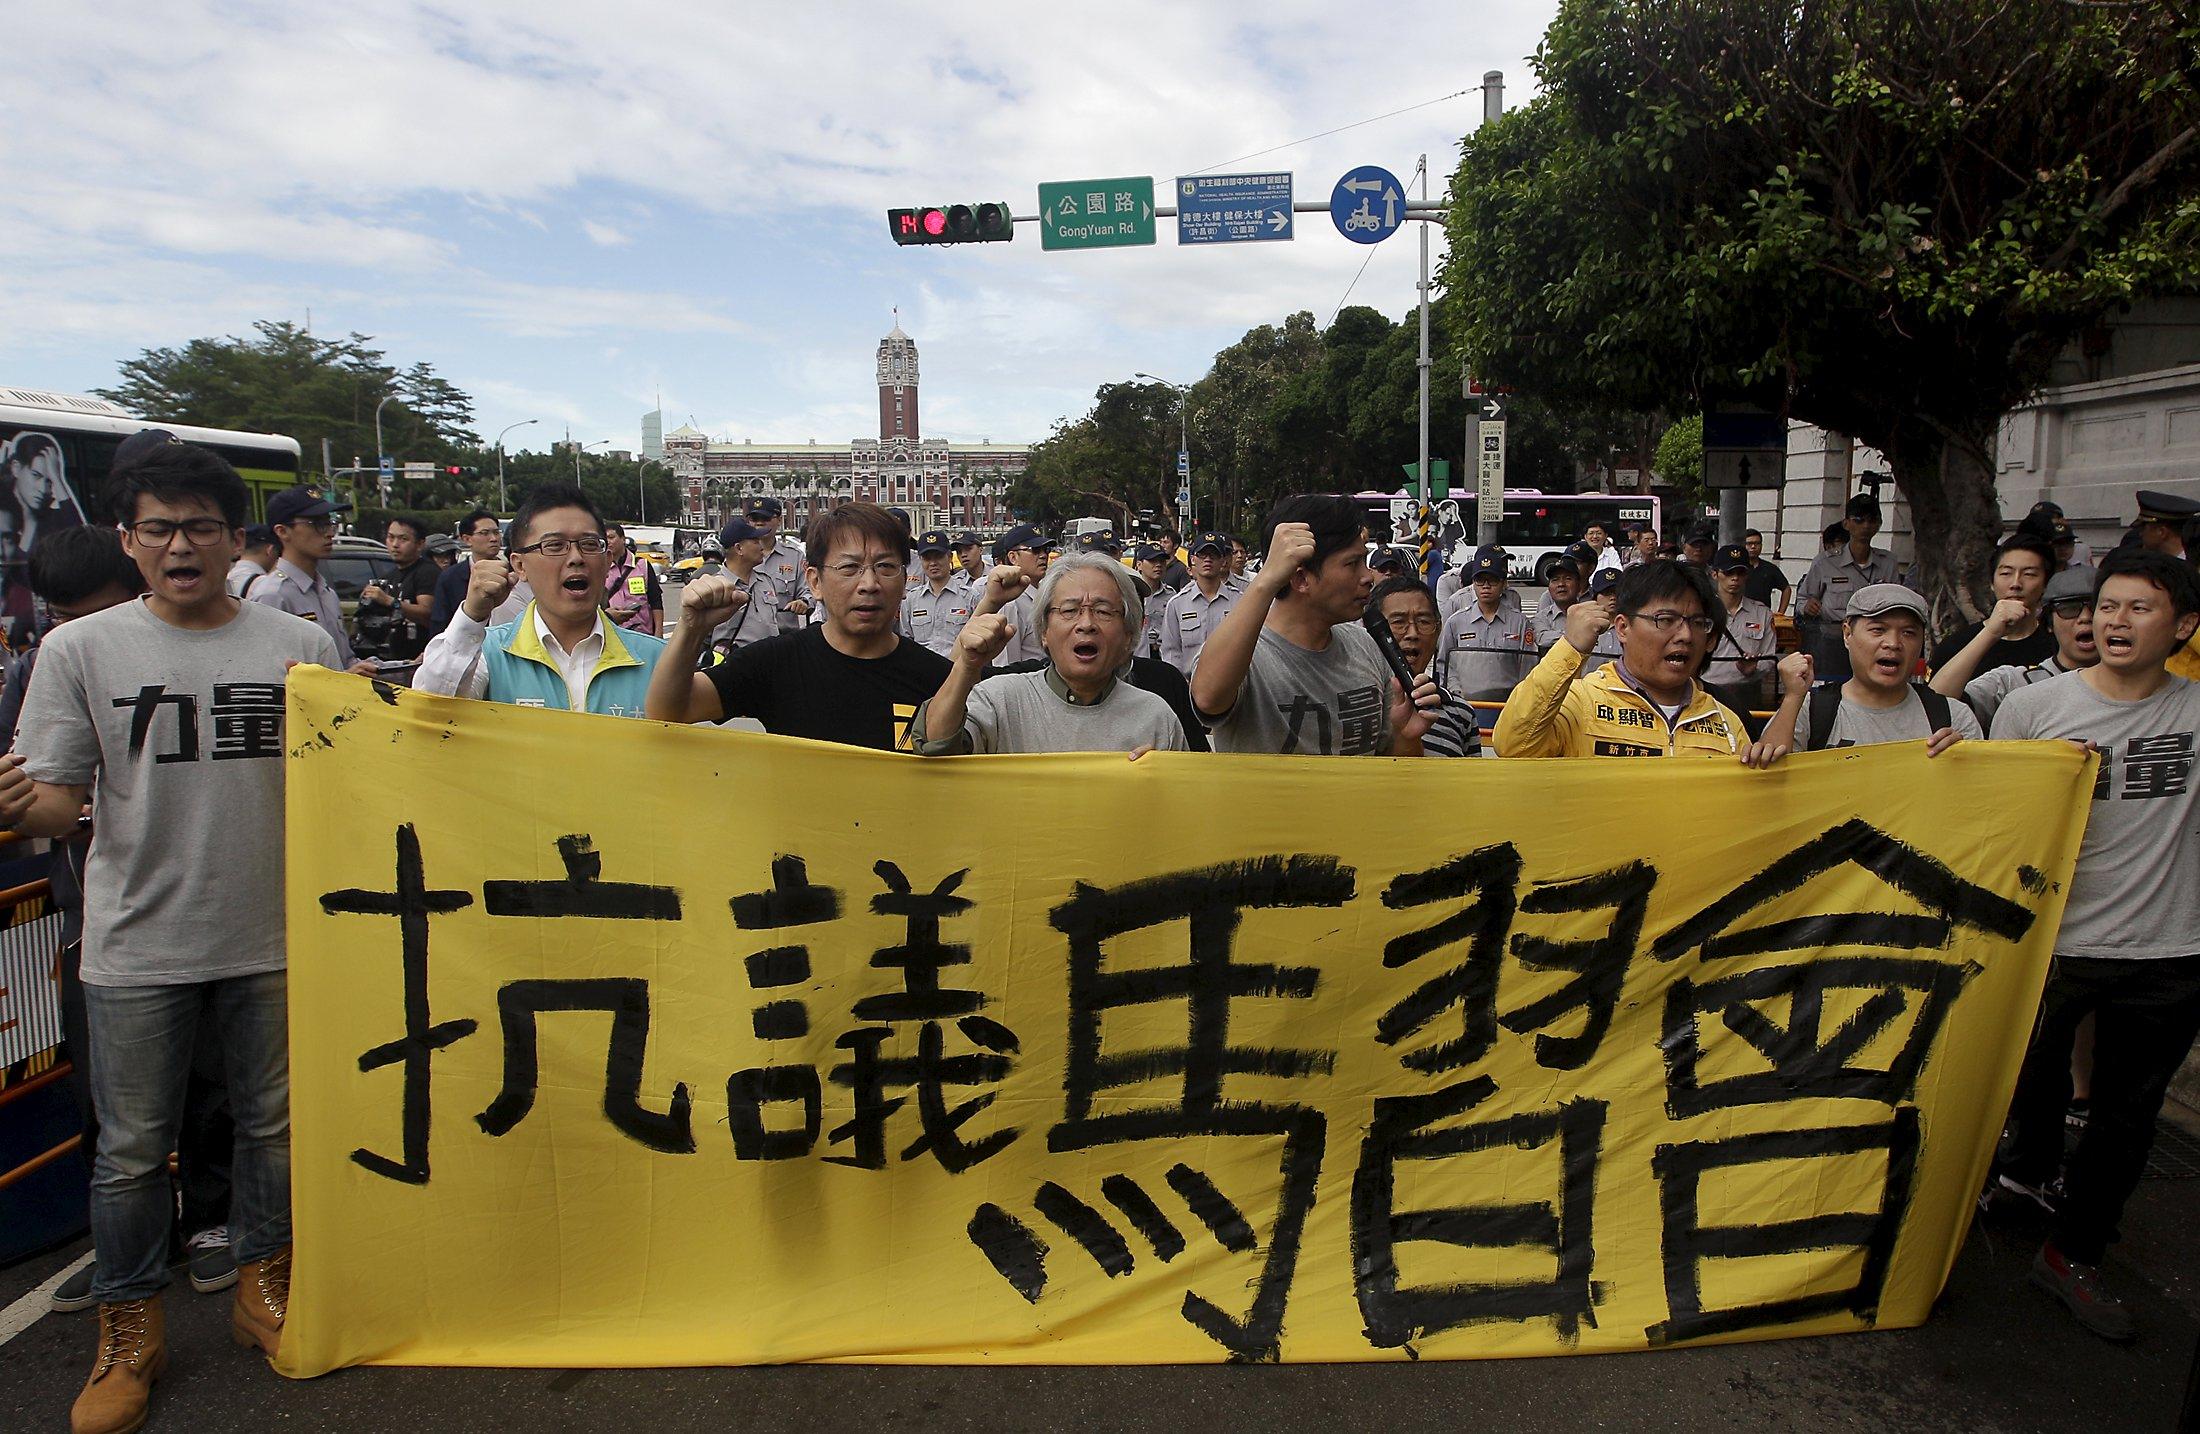 """Para aktivis meneriakkan slogan saat memrotes pertemuan antara Presiden Taiwan Ma Ying-jeou dan Presiden Tiongkok Xi Jinping sementara polisi berjaga di depan Istana Kepresidenan di Taipei, Taiwan, Rabu (4/11). Presiden Tiongkok Xi Jinping akan mengadakan pembicaraan dengan Presiden Taiwan Ma Ying-jeou di Singapura hari Sabtu dalam pertemuan pertama kedua pemimpin tersebut sejak perang sipil Tiongkok berakhir tahun 1949. Spanduk bertuliskan """"Protes pertemuan antara Ma dan Xi"""". REUTERS/Pichi Chuang."""